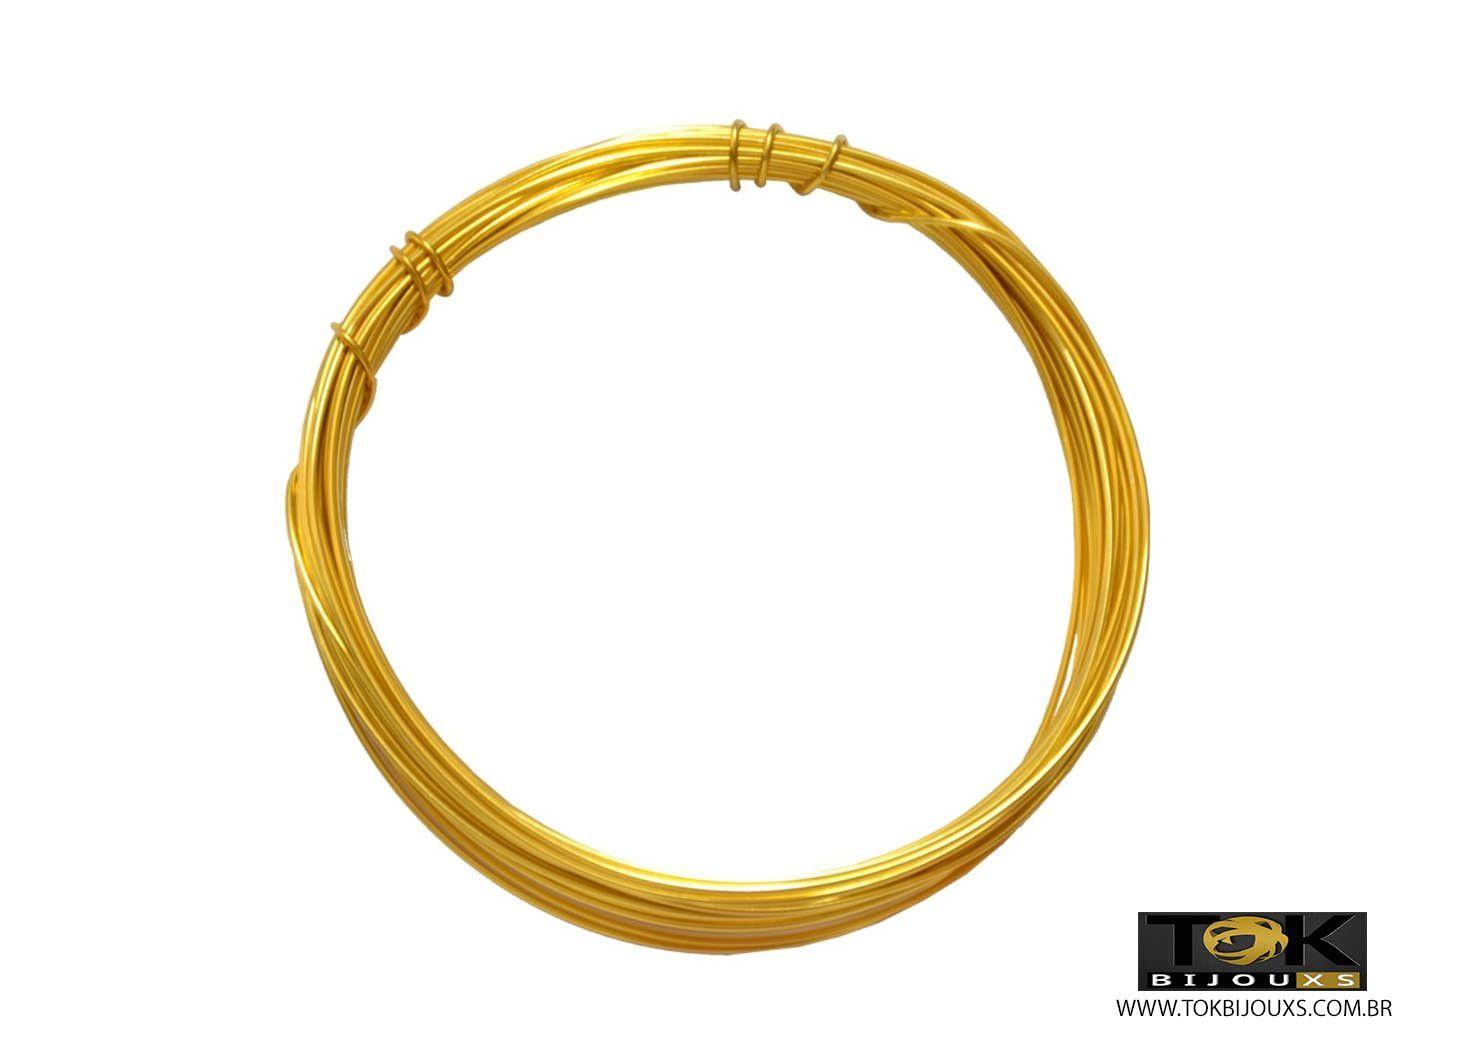 Arame Aluminio Dourado 2,5mm - 500g